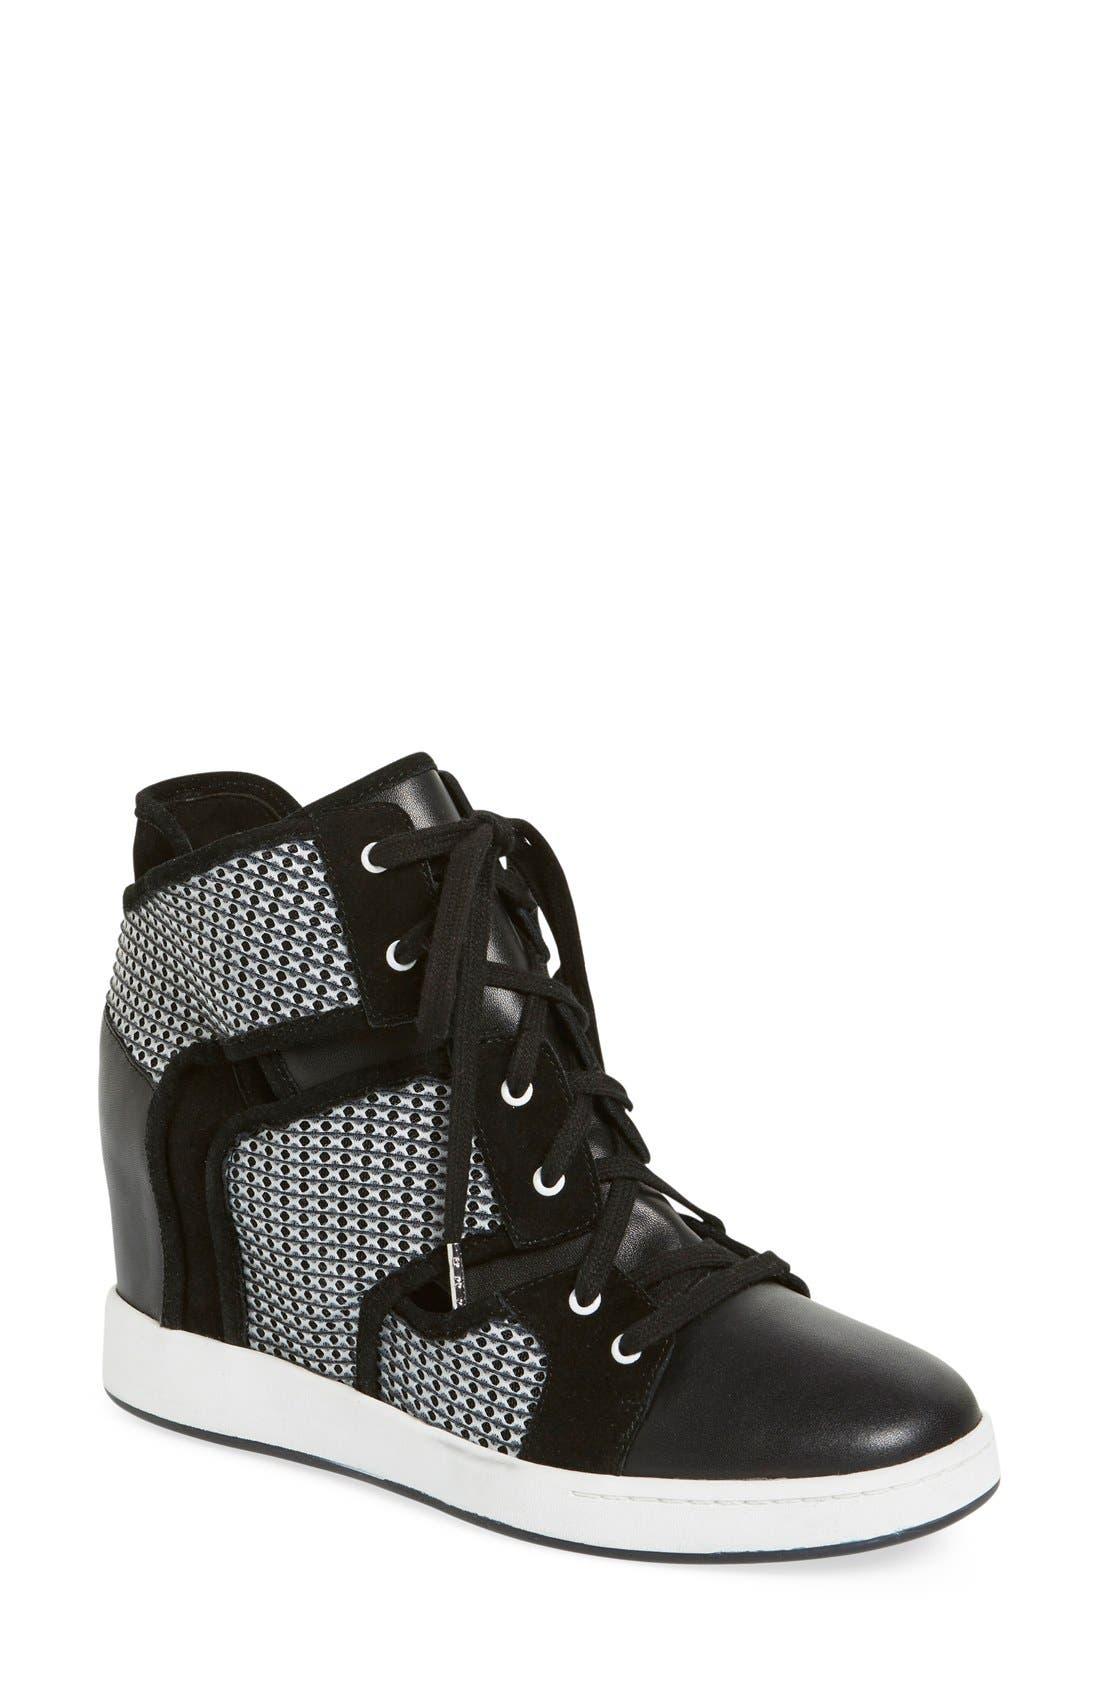 Main Image - L.A.M.B. 'Gera' Hidden Wedge Sneaker (Women)